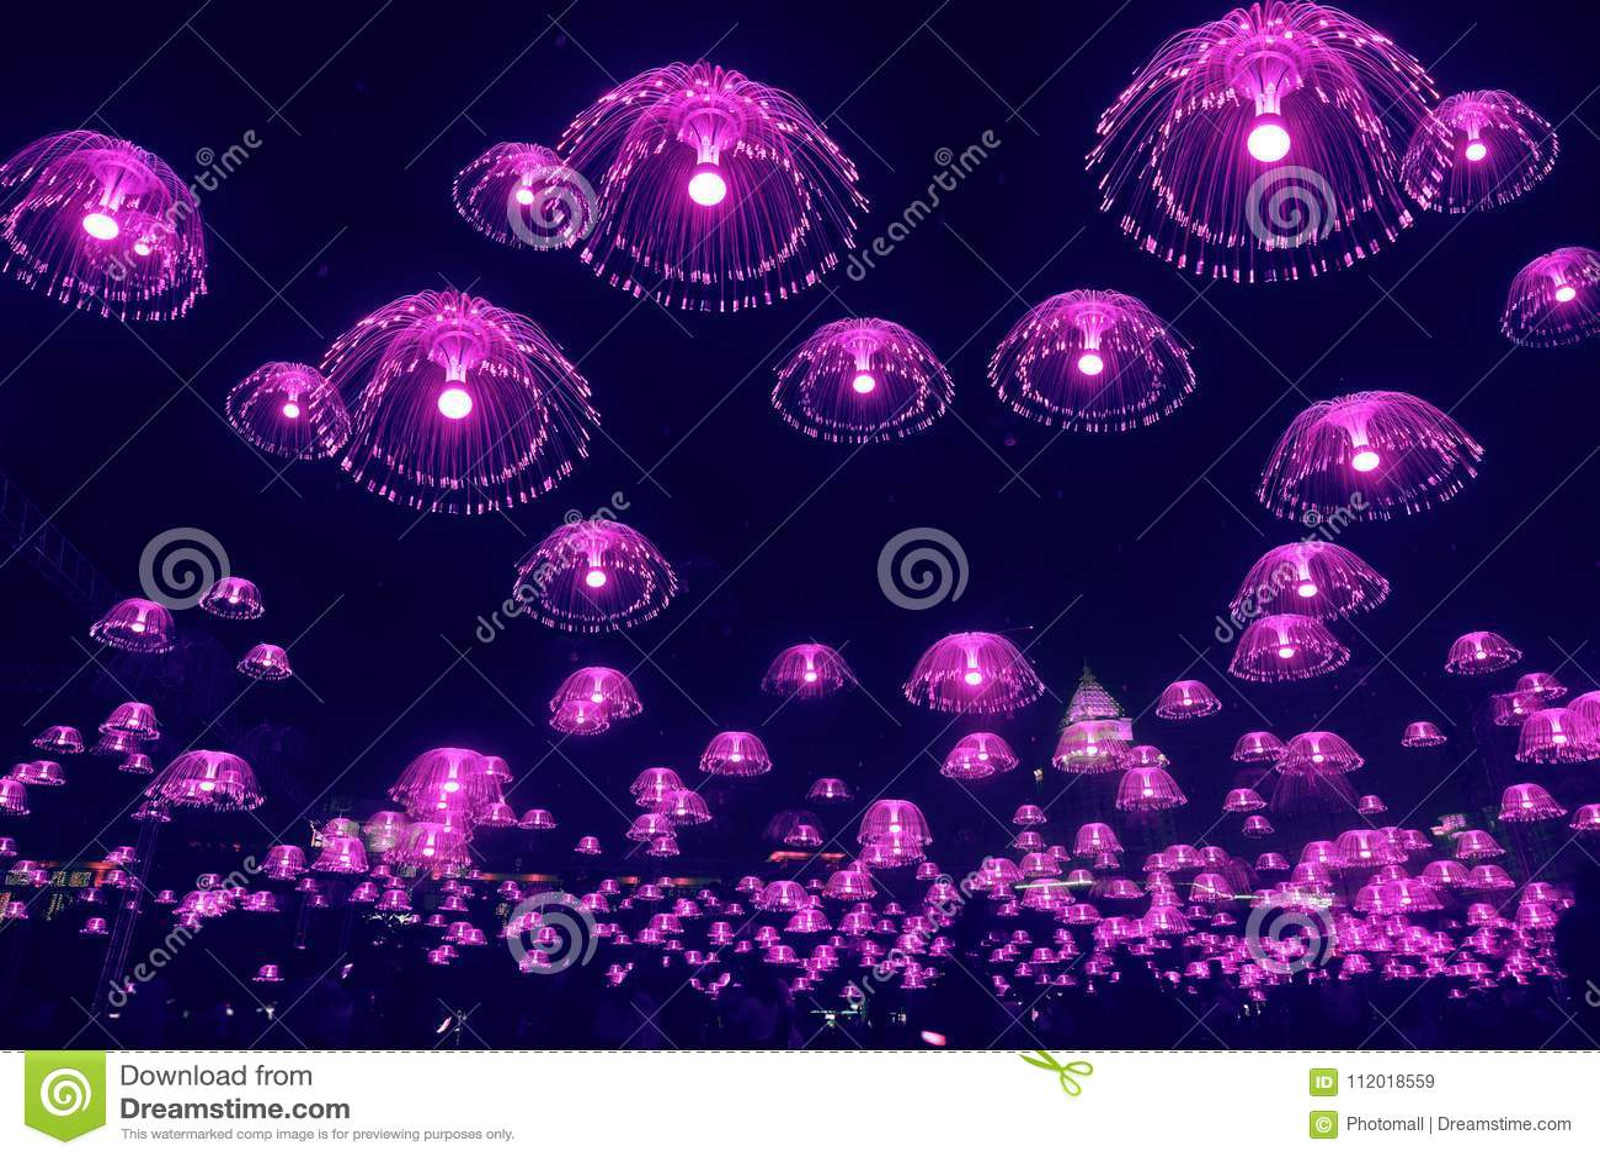 紫色水母光在夜空发光